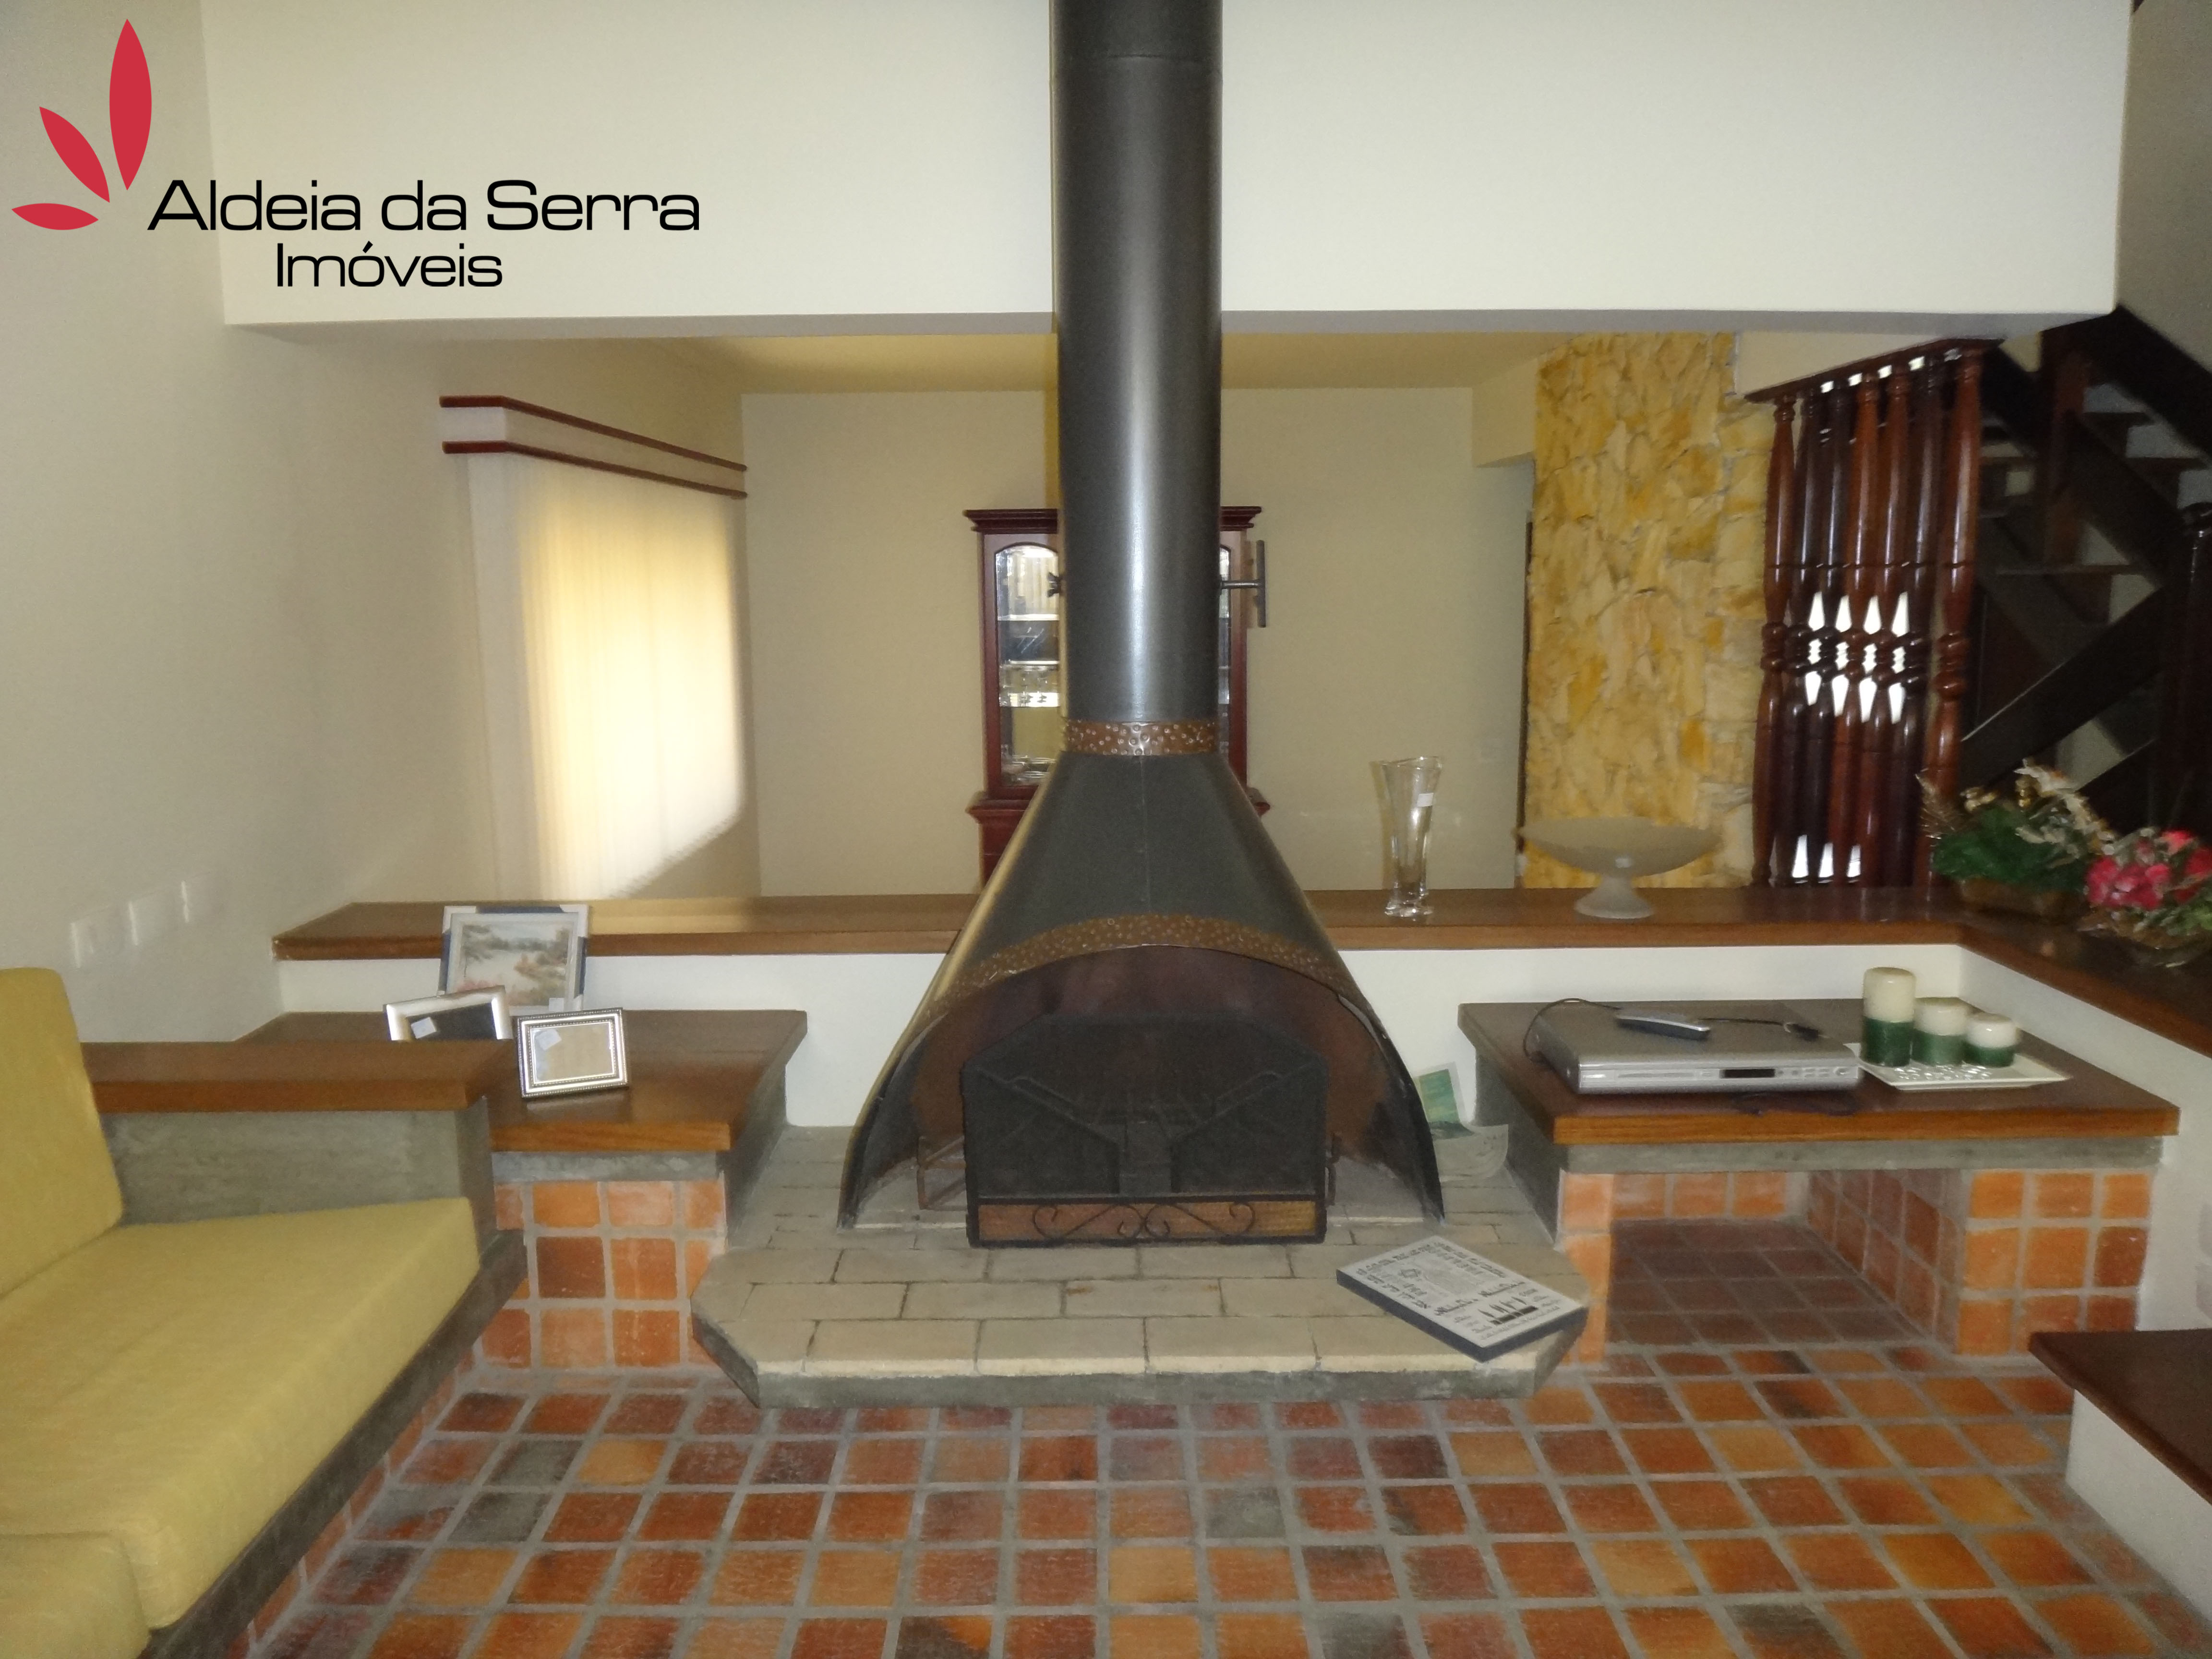 /admin/imoveis/fotos/5(2).jpg Aldeia da Serra Imoveis